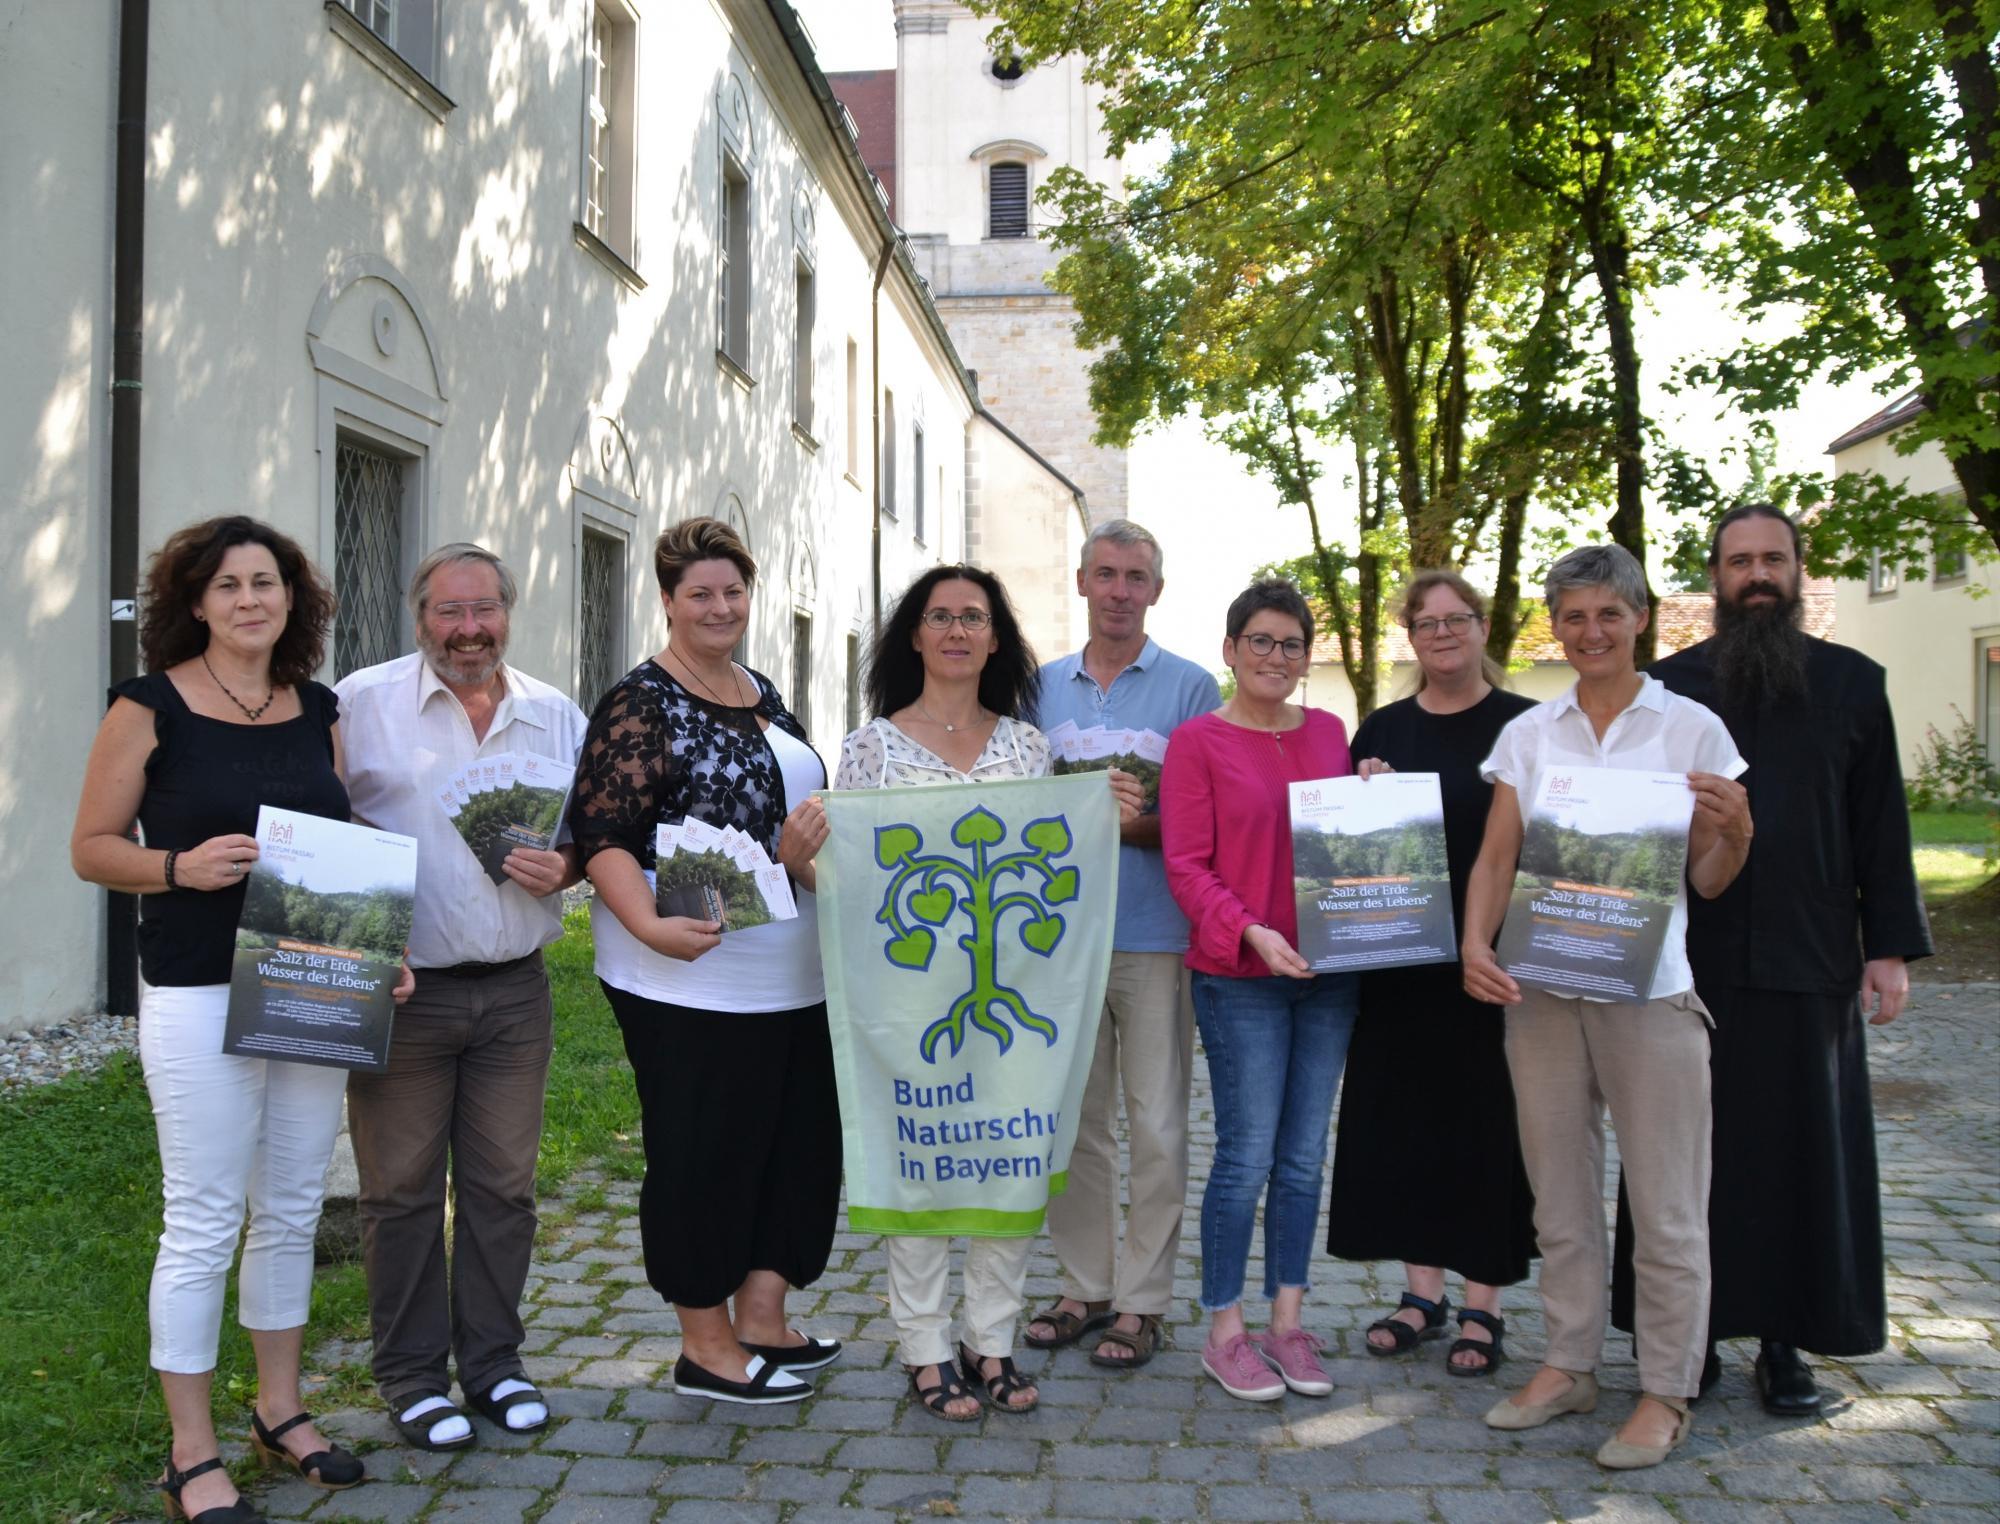 Hg_niederalteich-naturveranstaltung-20190805-08-47-05